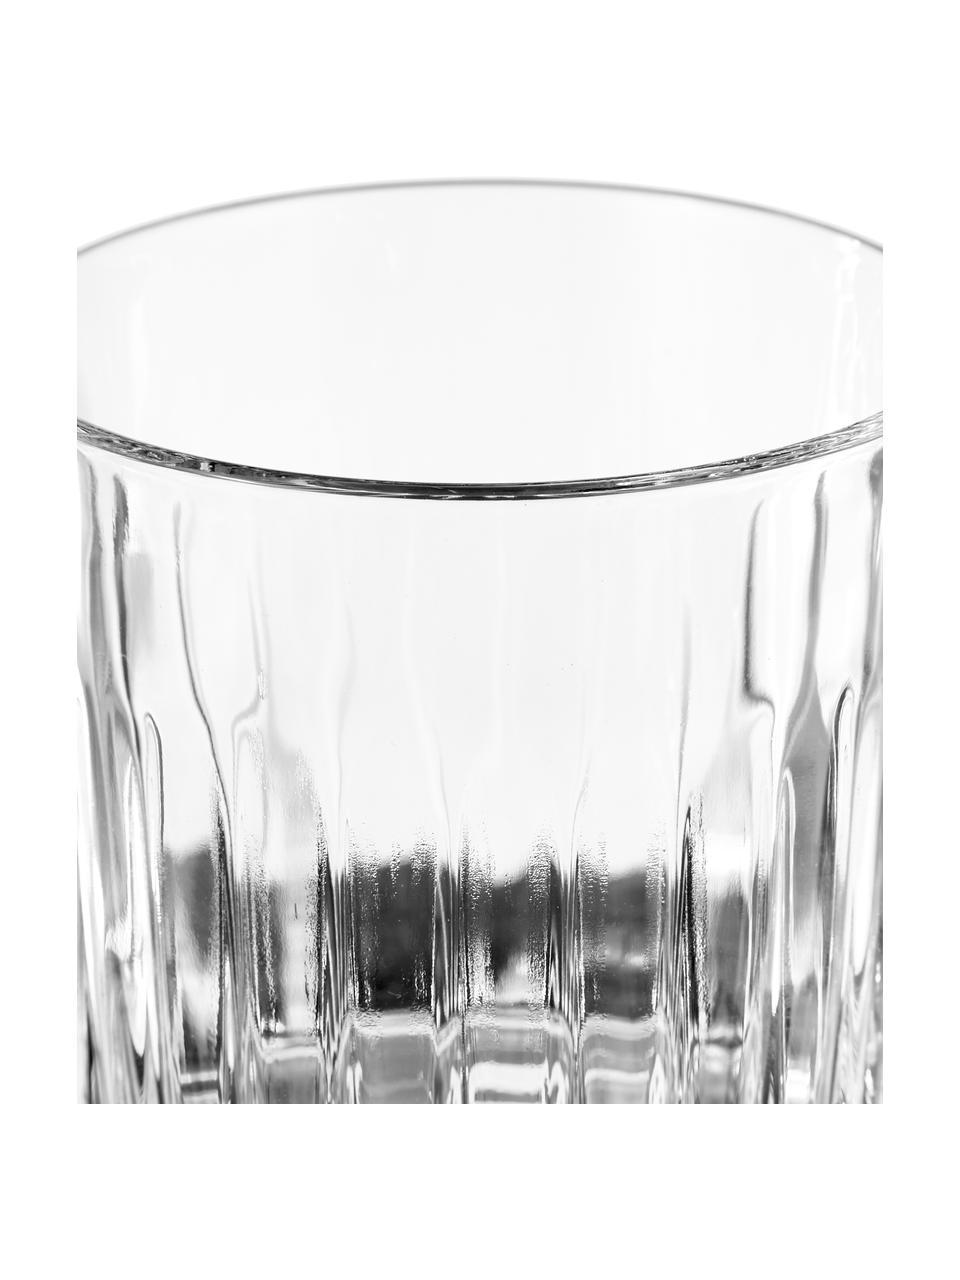 Szklanka do whisky ze szkła kryształowego Timeless, 6 szt., Szkło kryształowe Luxion, Transparentny, Ø 9 x W 9 cm